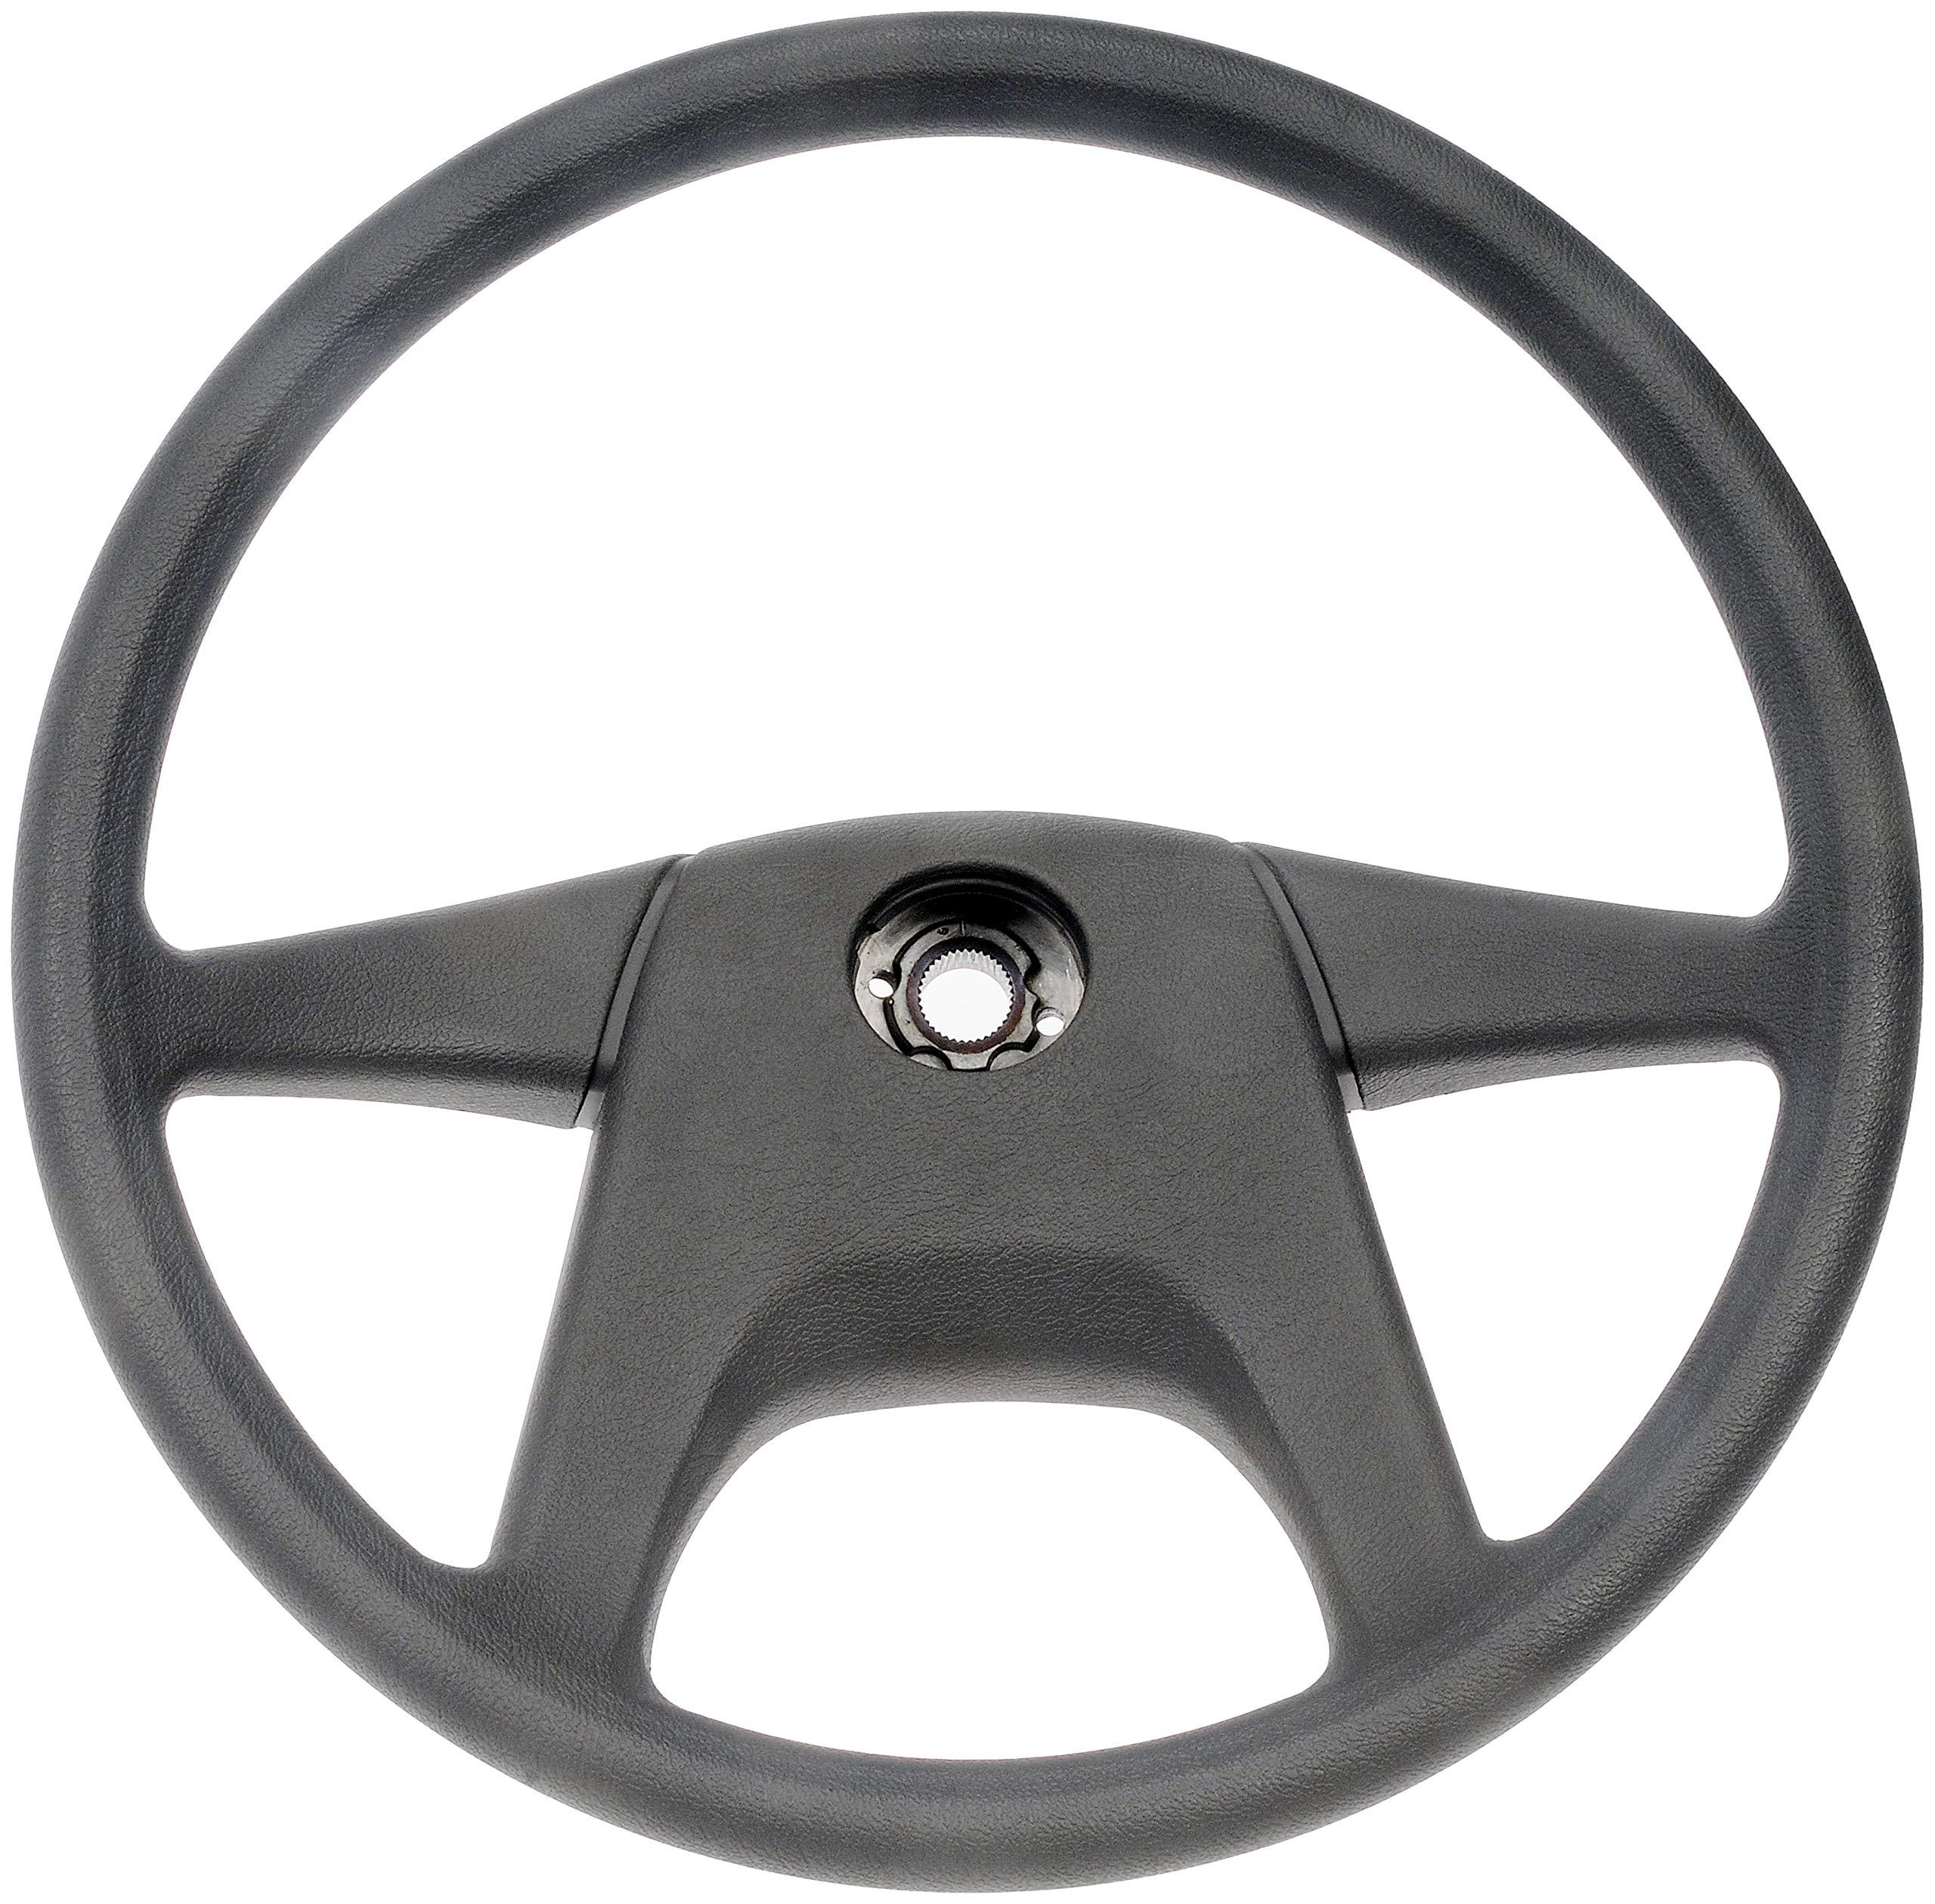 Dorman 924-5234 Steering Wheel for Select Freightliner Trucks by Dorman (Image #4)